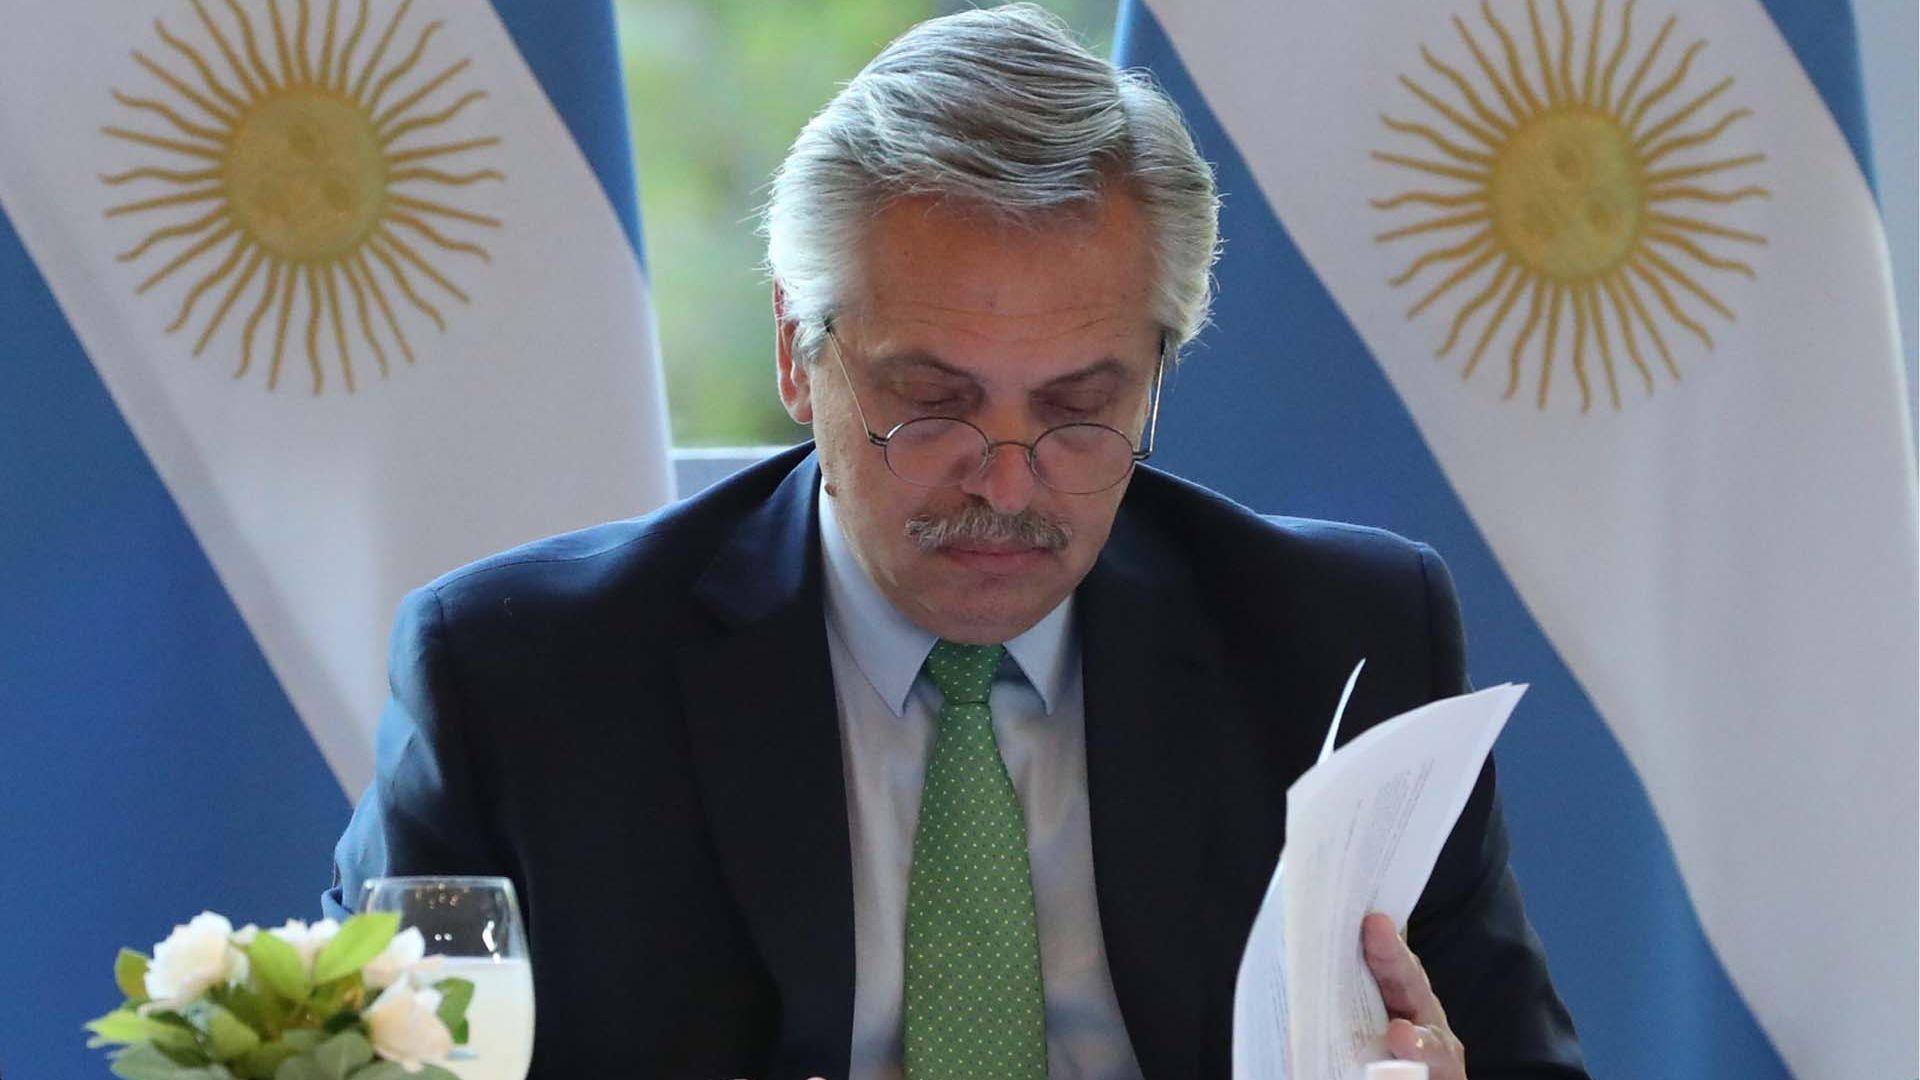 Alberto Fernández defendió el impuesto a las grandes fortunas y dijo que afectaría a un universo muy chico de personas